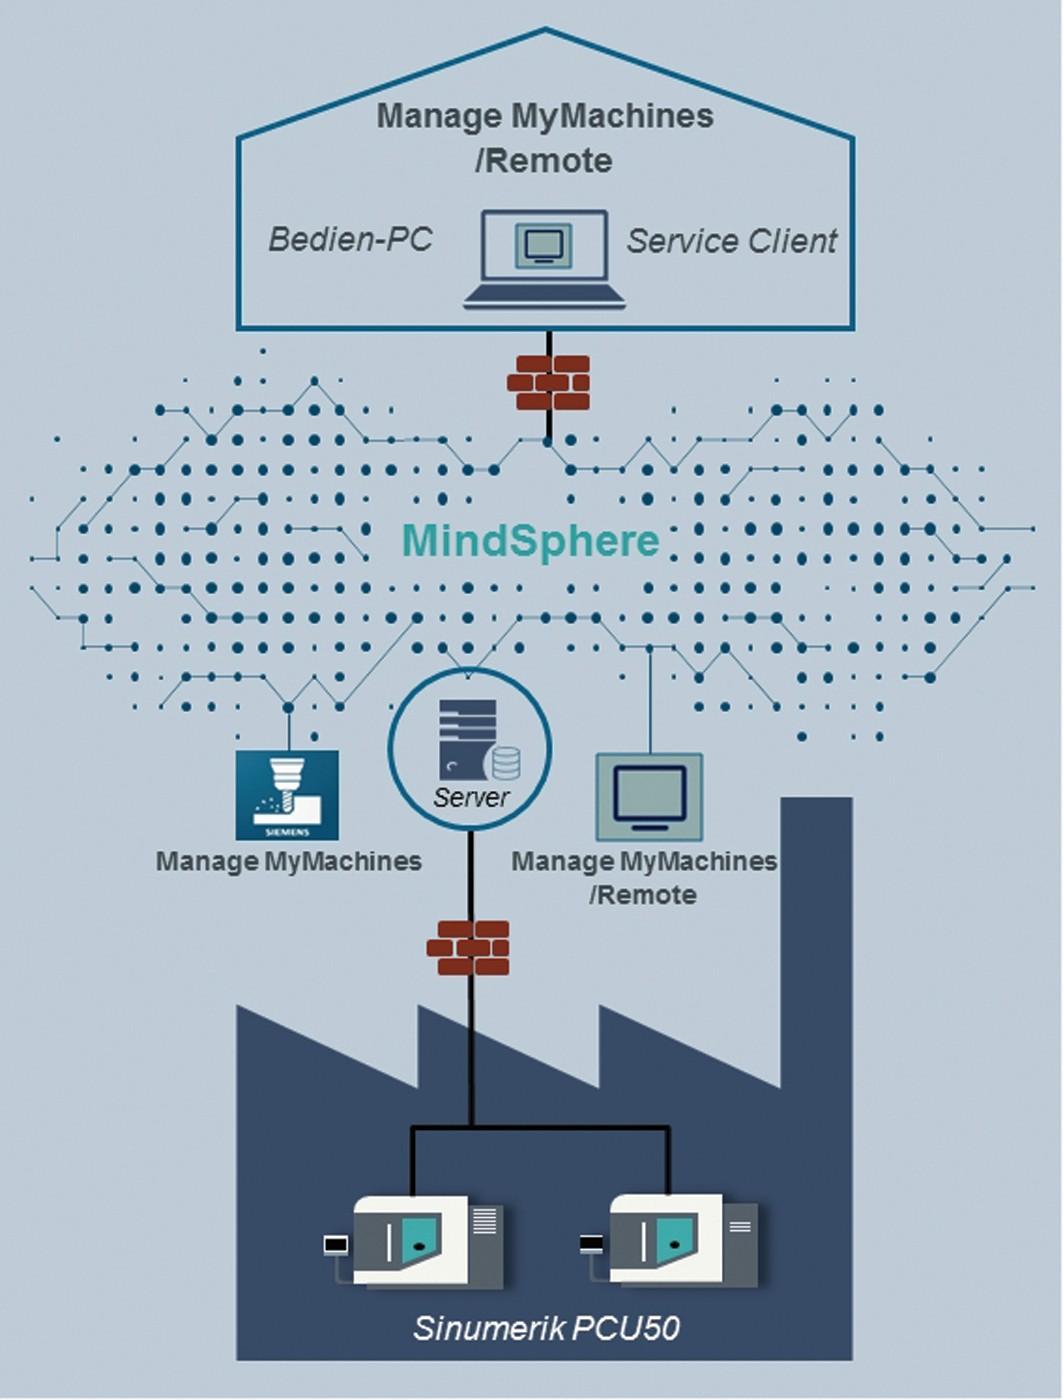 """Bild 6: Betreiber und auch Maschinenhersteller betreuen ihre im Feld installierten Maschinen mit der MindApp """"Manage MyMachines"""". Zu dieser cloud-basierten Funktionalität gibt es nun ein Plug-In für den abge- sicherten und autorisierten Fernzugriff: """"Manage MyMachines/Remote"""". Maschinenhersteller und Wartungstechniker unterstützen damit den Bediener der Maschine anhand einer Eins-zu-eins-Übertragung des HMI-Bildschirms samt seiner Bedienelemente und nehmen mit ihm gemeinsam Ferndiagnosen und Störungsbehebungen vor – bis hin zur Fernwartung der Maschine. Dies er-übrigt einen großen Teil des Vor-Ort-Supports – ein erheblicher Zeit- und Kostenvorteil. (Bild: Siemens)"""